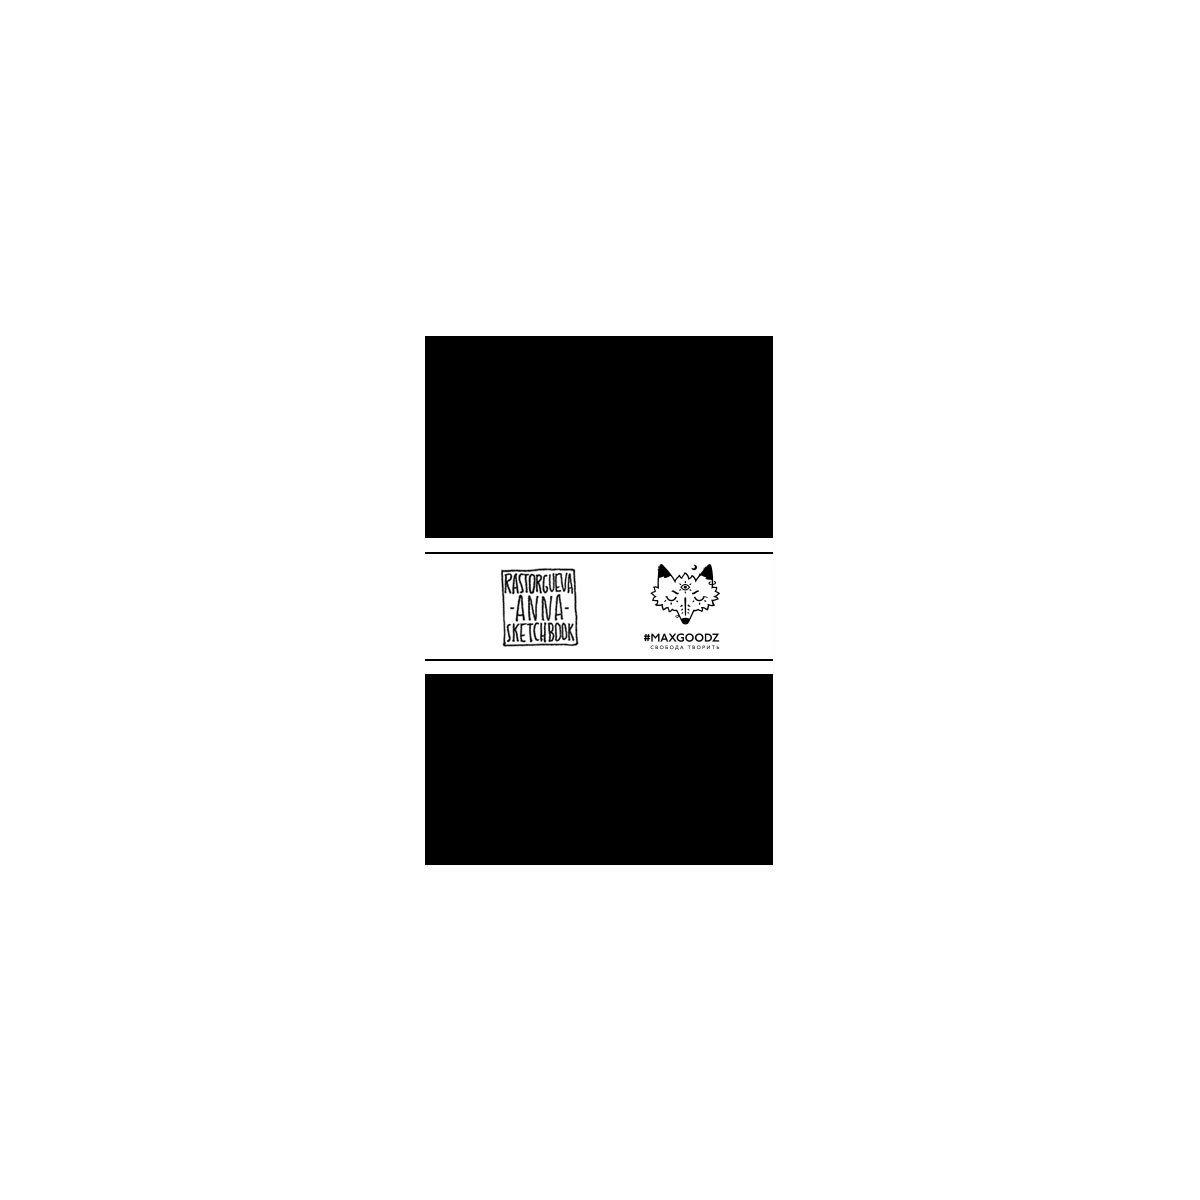 Купить Скетчбук для маркеров Maxgoodz Pocket Marker А6, 20 л, 220 г Смола, Россия